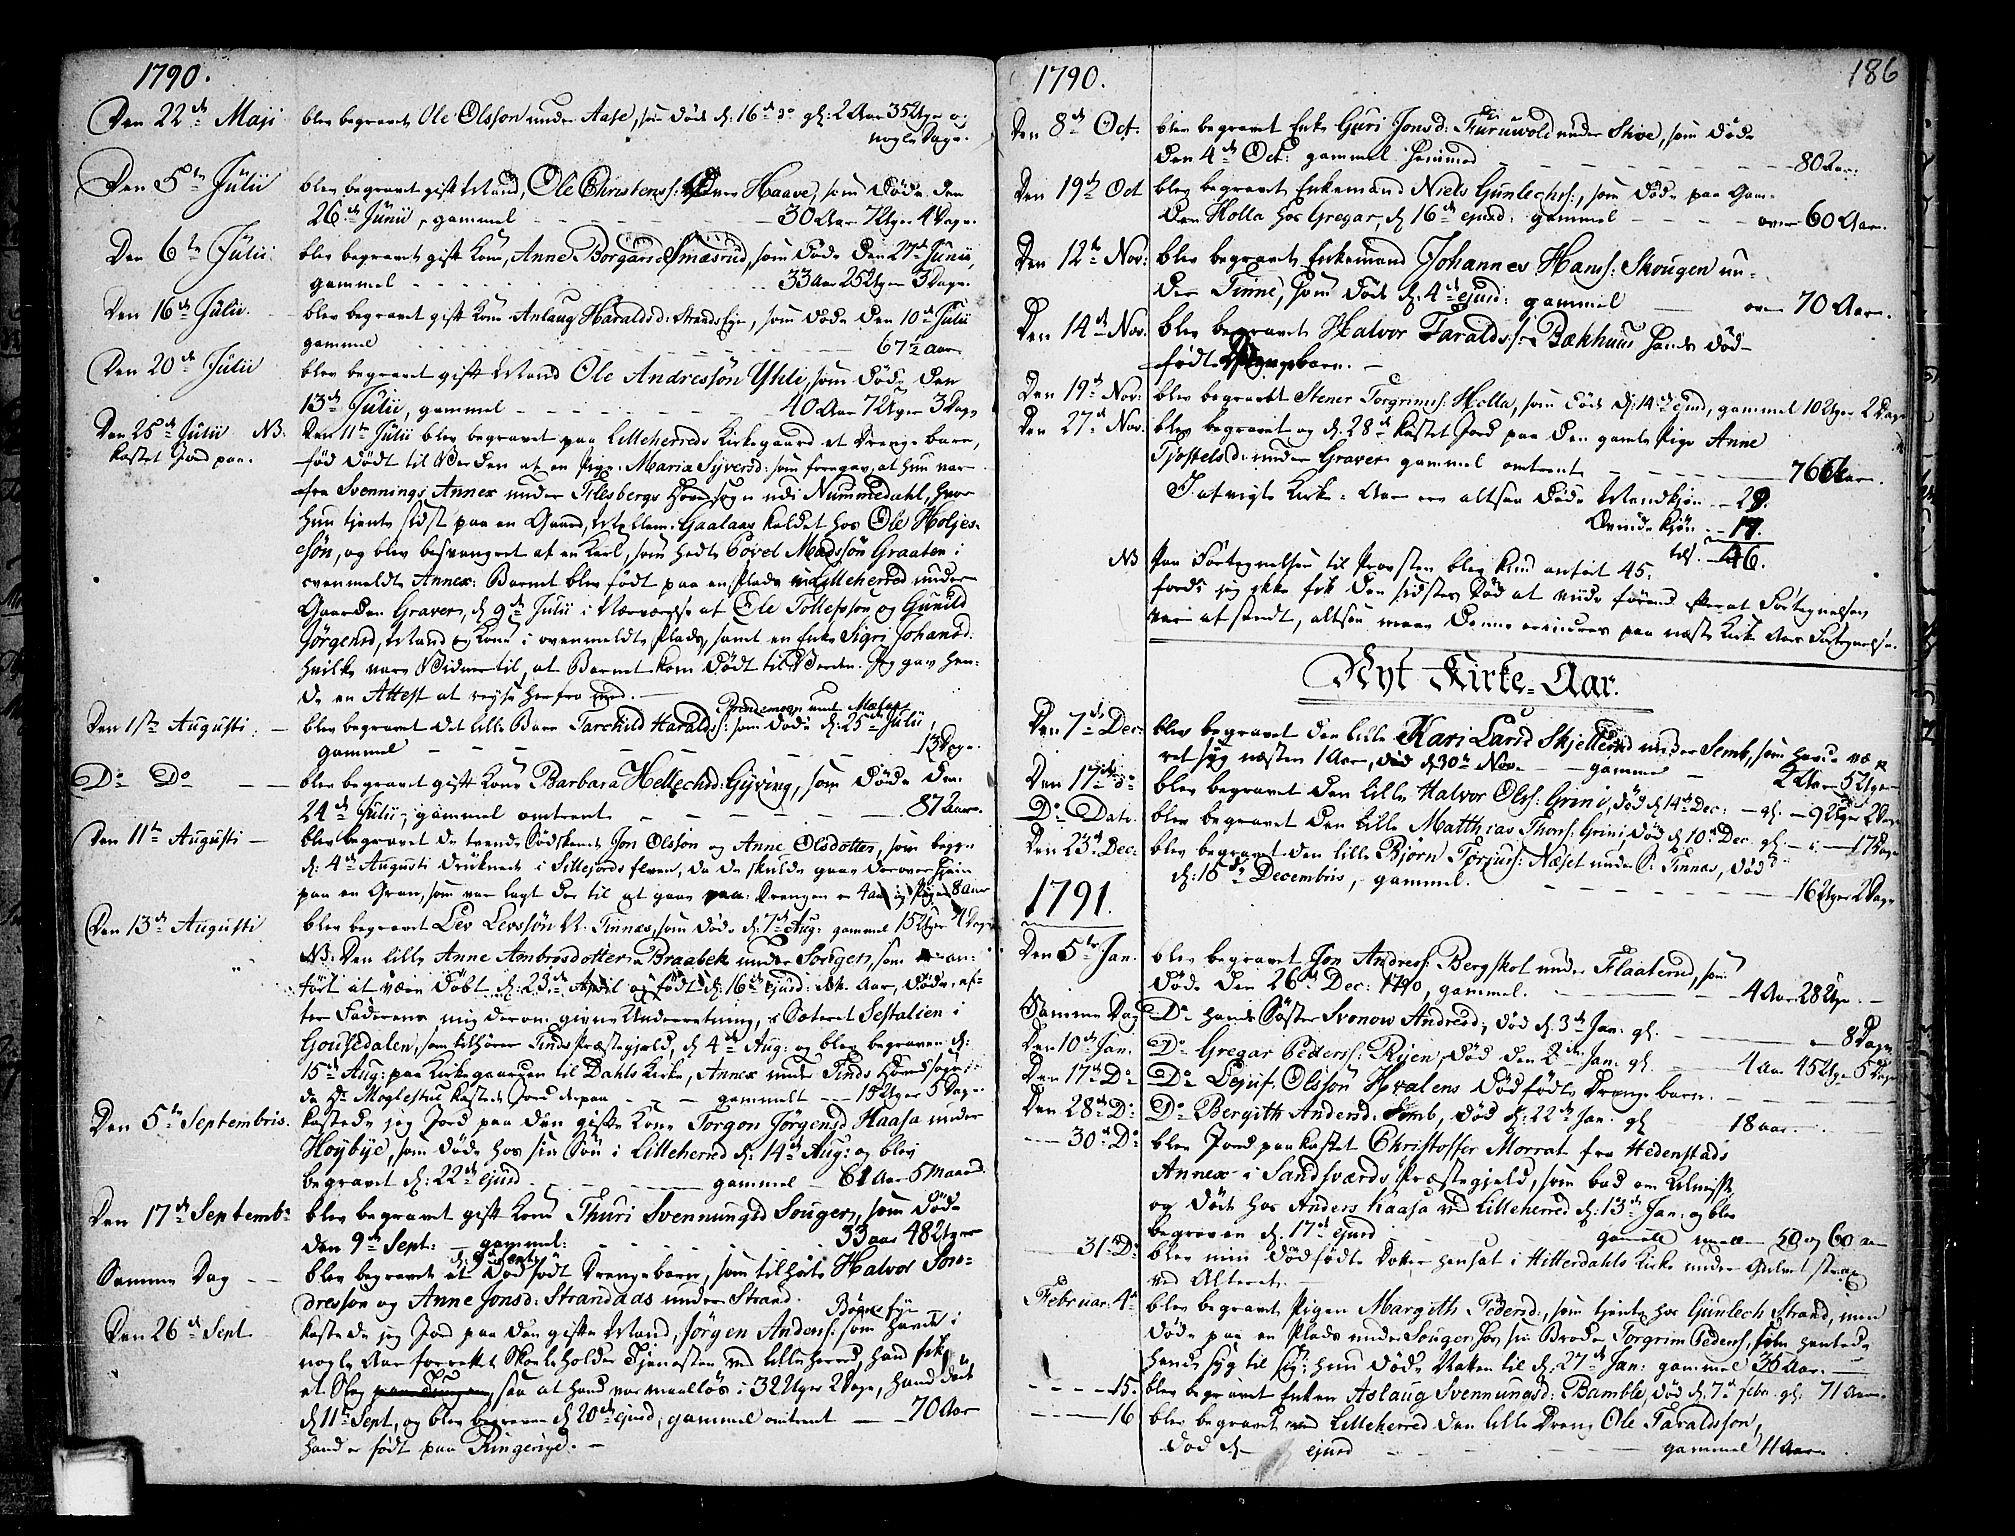 SAKO, Heddal kirkebøker, F/Fa/L0004: Ministerialbok nr. I 4, 1784-1814, s. 186